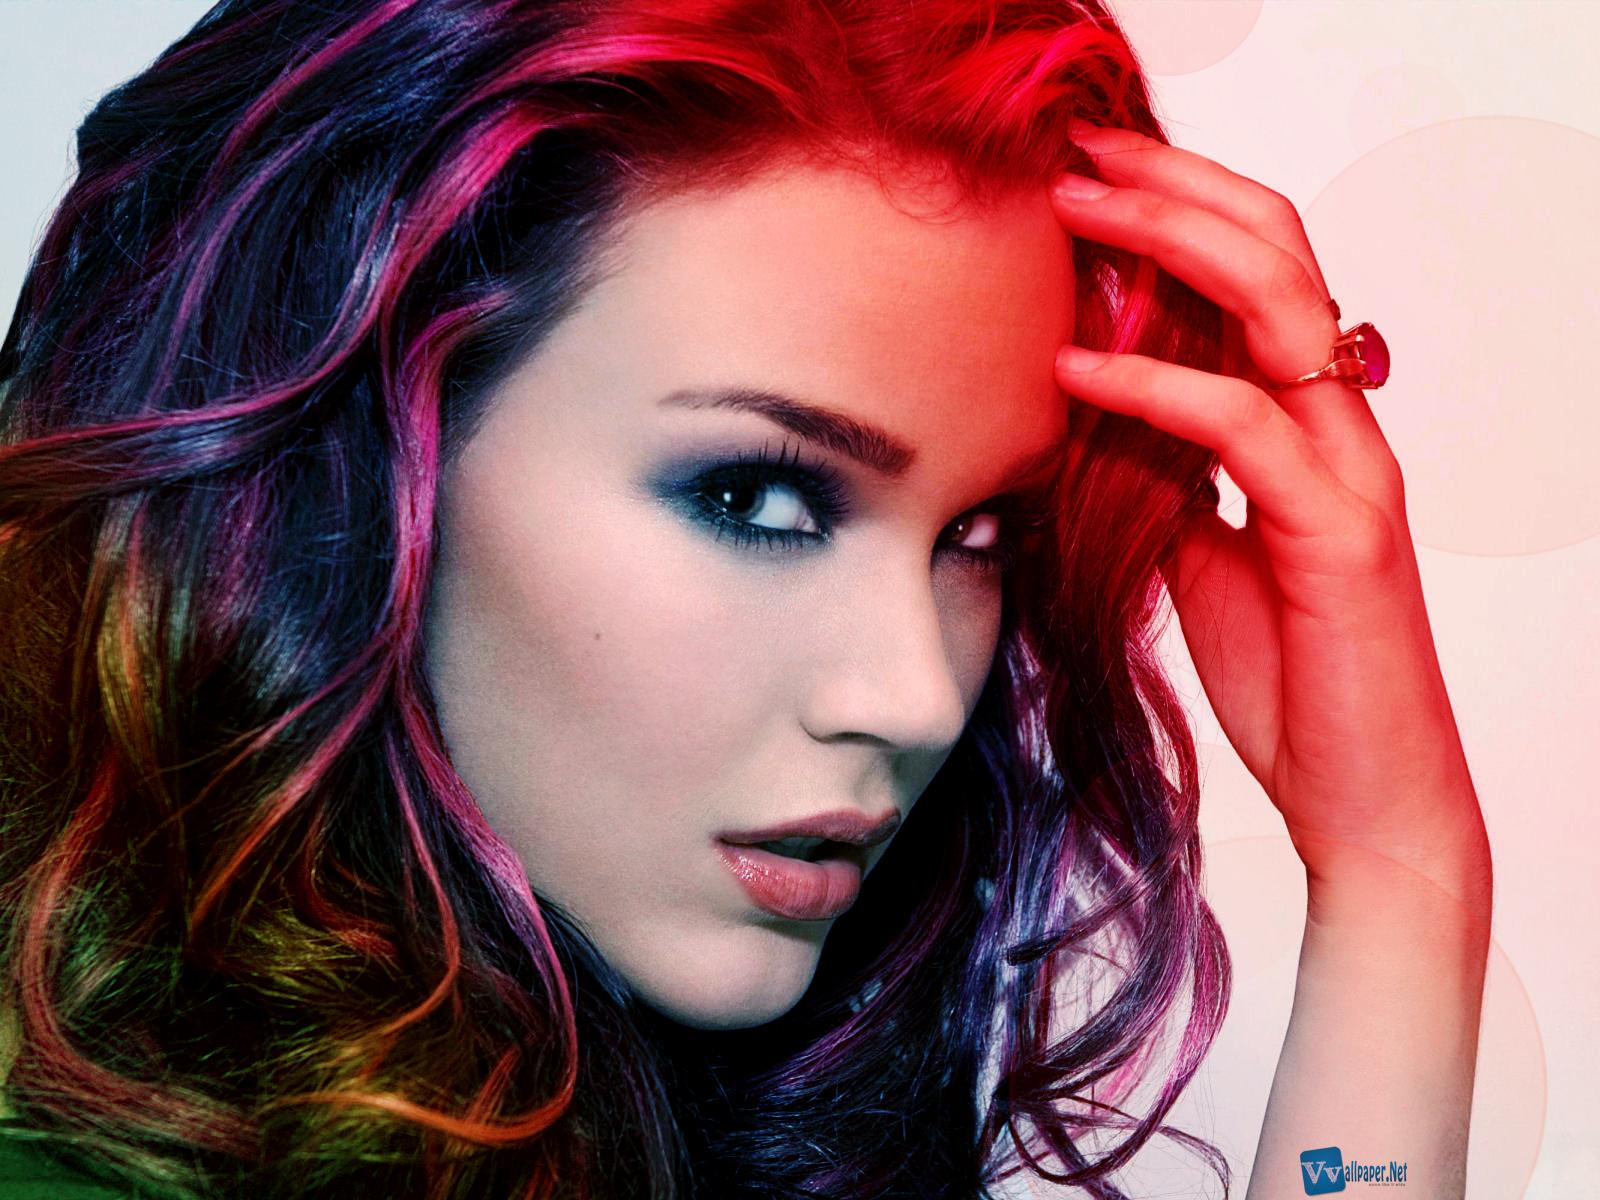 http://3.bp.blogspot.com/-63wVuPBpejk/UBQPoK05NoI/AAAAAAAADHI/sp4VvQ8KanI/s1600/Joss_Stone_Red_Hair_HD_Wallpaper-by-Vvallpaper.net.jpg